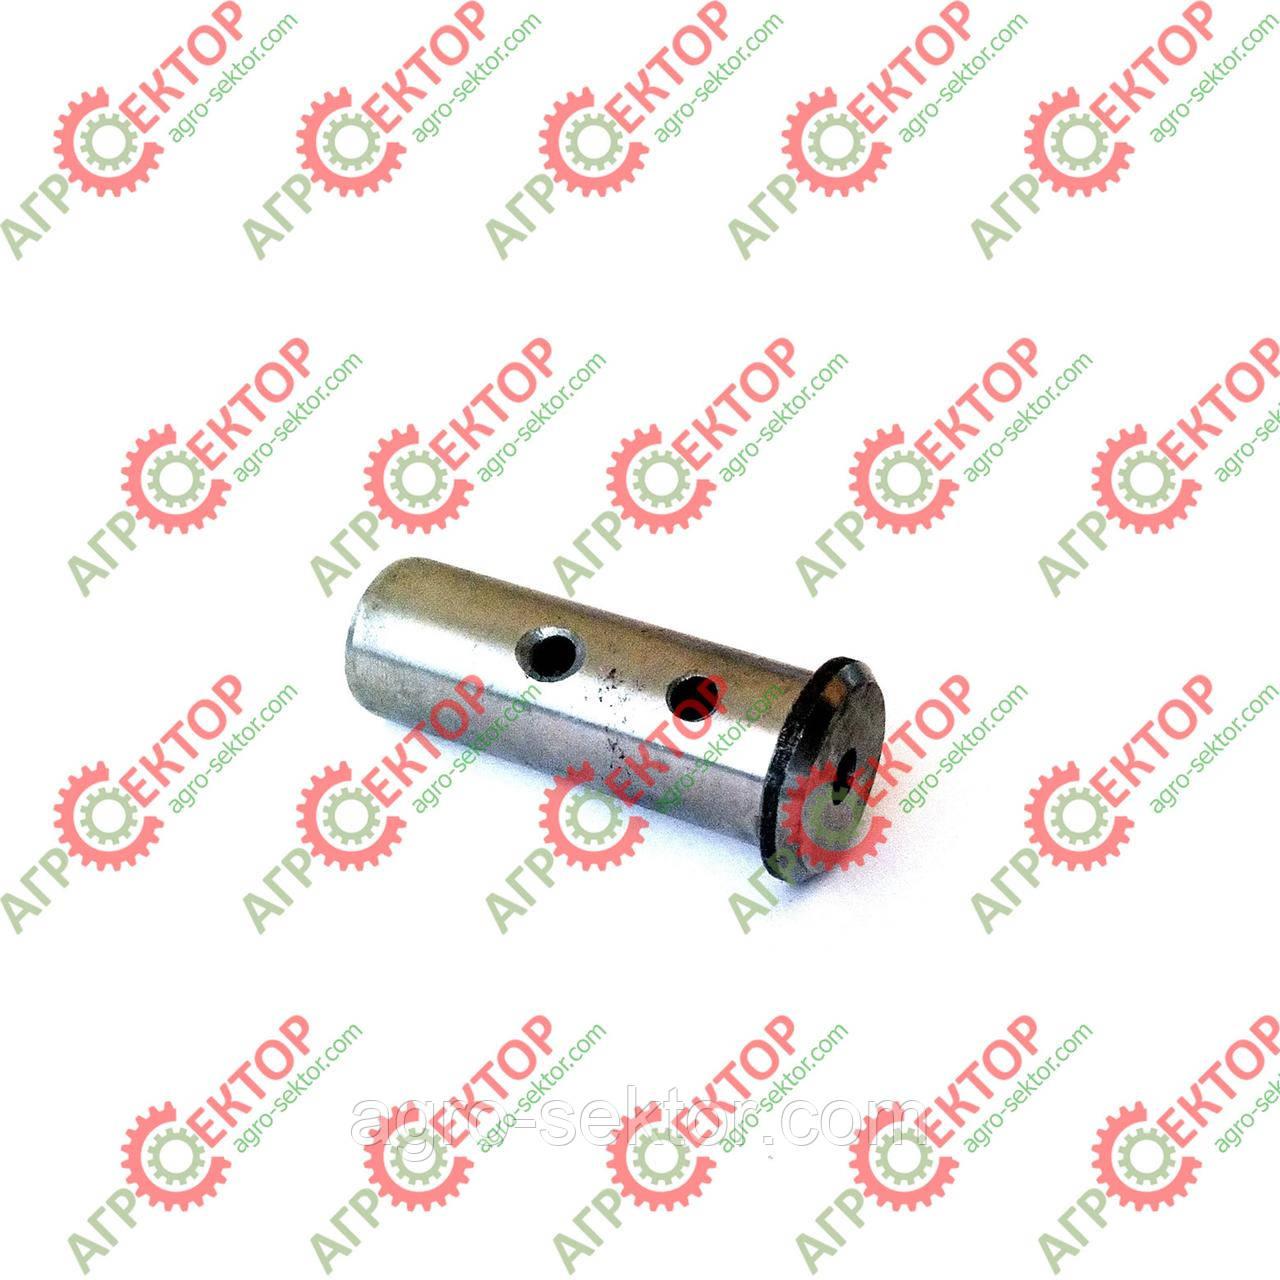 Палець собачки включення приводу в'язального апарату прес-підбирача Famarol Z-511 8245-511-007-595